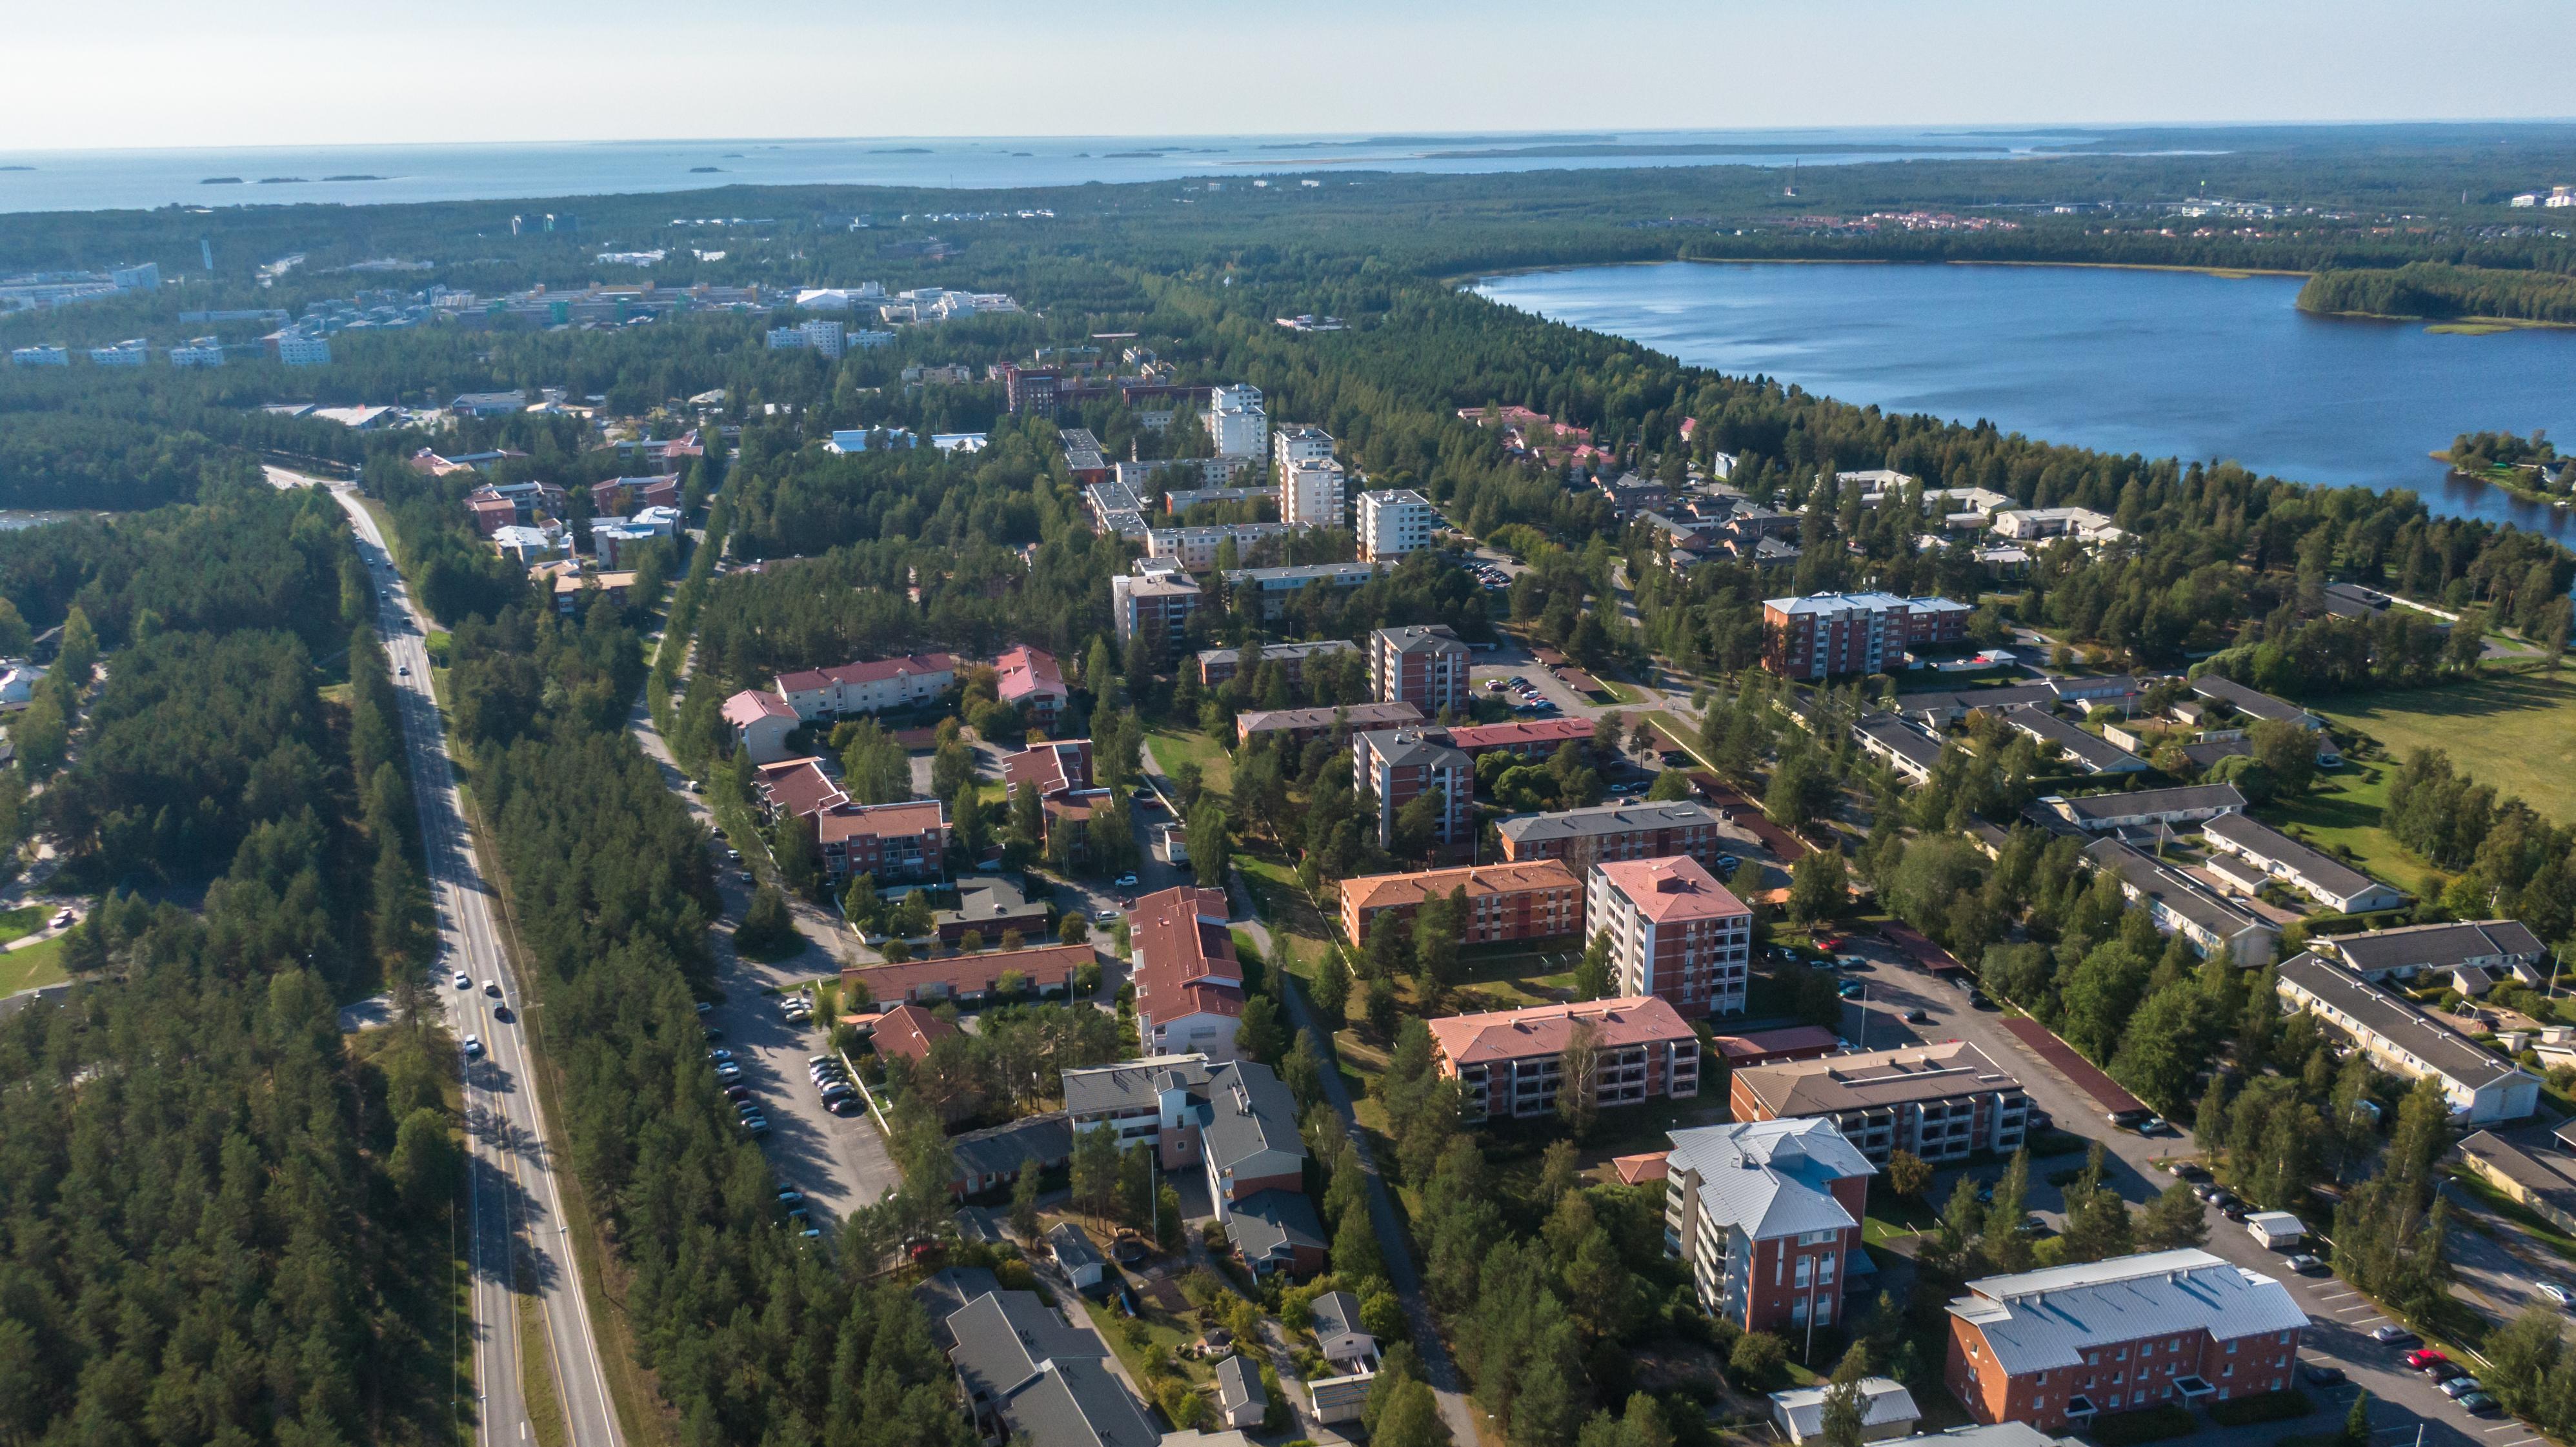 Ilmasta otettu kuva Oulun Kaijonharjun asuinalueelta. Metsää, kulkuväyliä ja kerrostalolähiötä. Kuivasjärvi on oikeassa yläkulmassa.